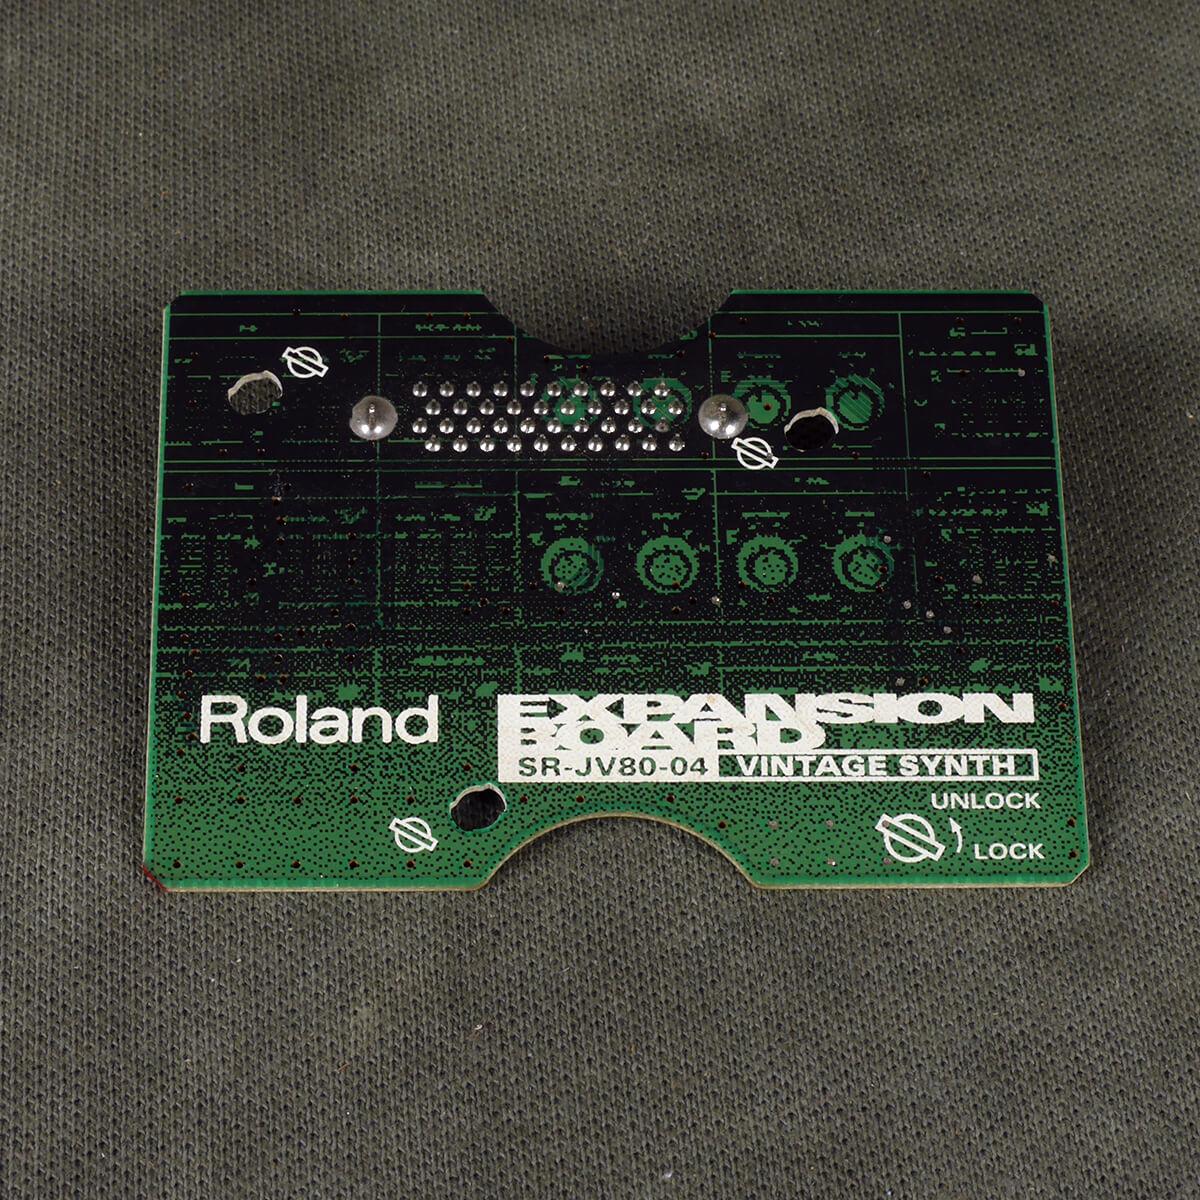 Roland SR-JV80 Expansion Board - 04 Vintage Synth - 2nd Hand